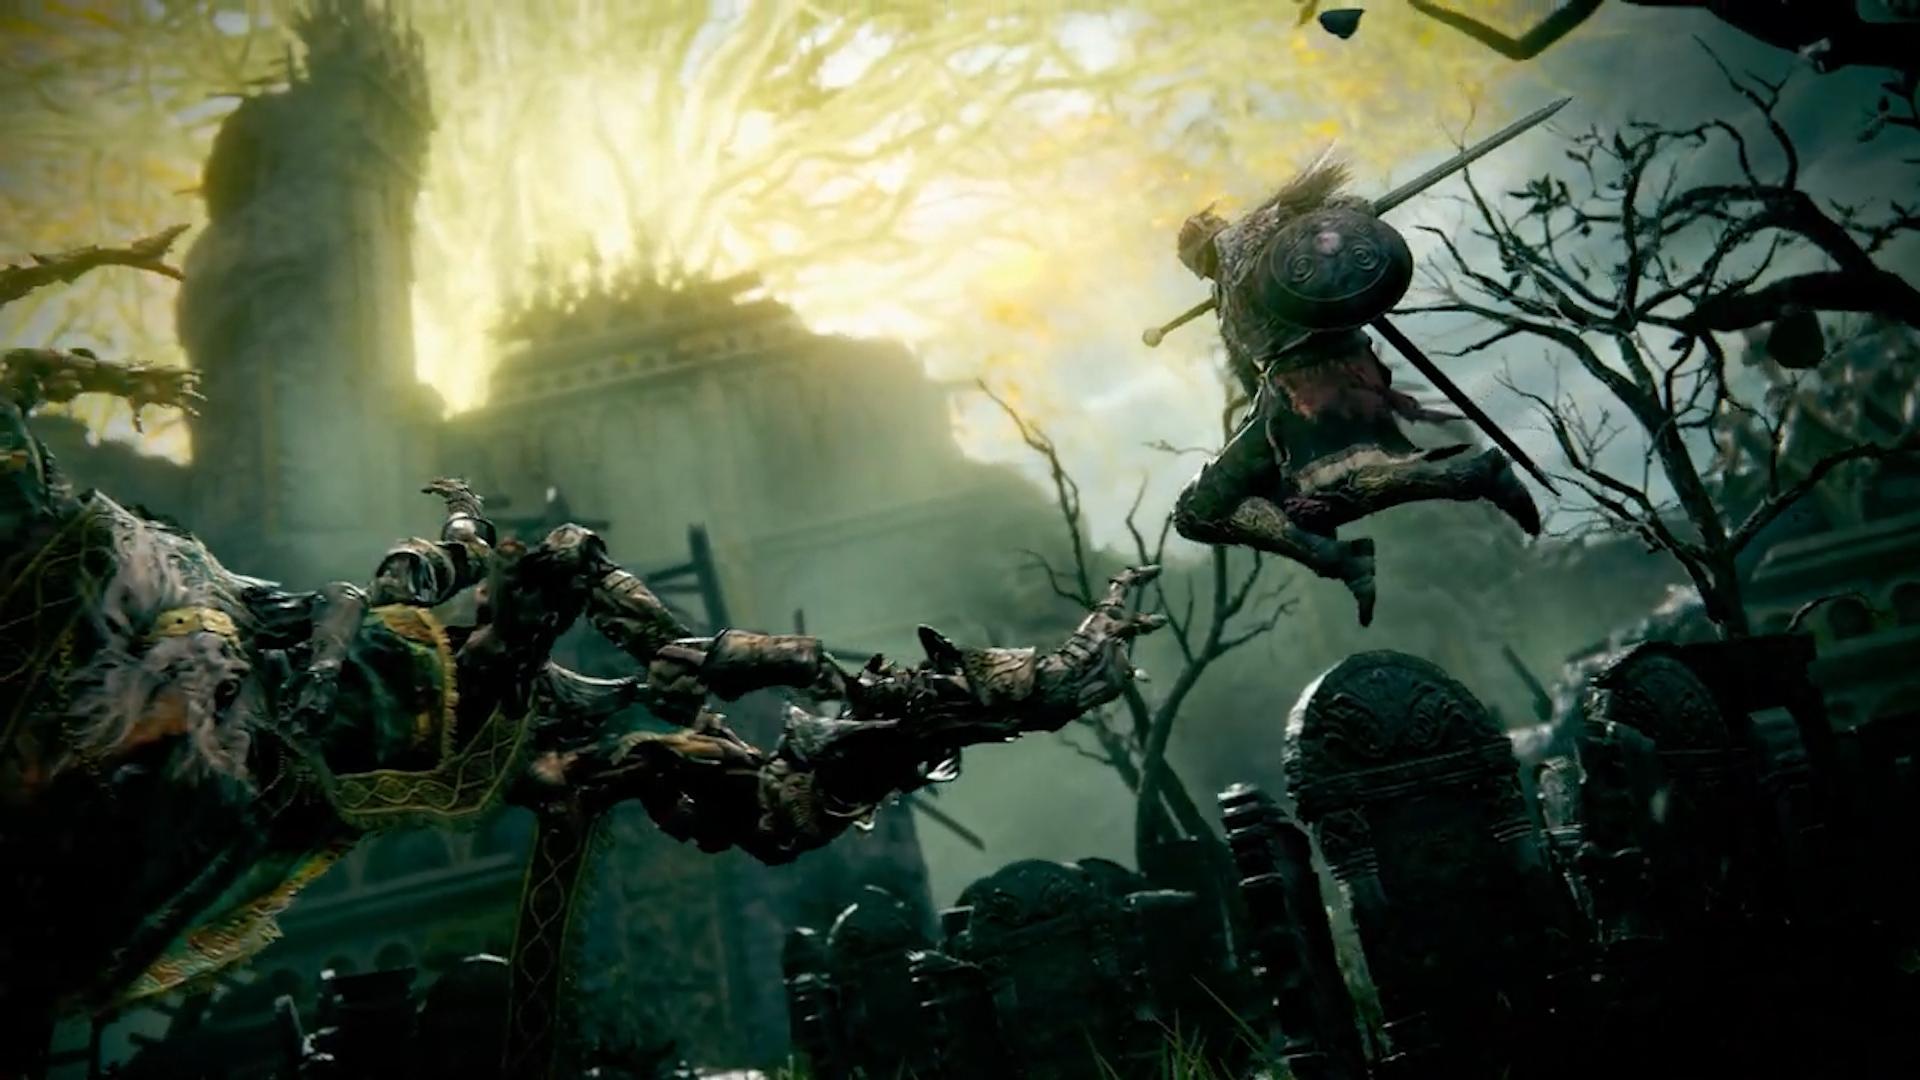 Огнедышащие драконы и страшные монстры: Появился первый геймплейный трейлер и озвучена дата выхода игры Elden Ring